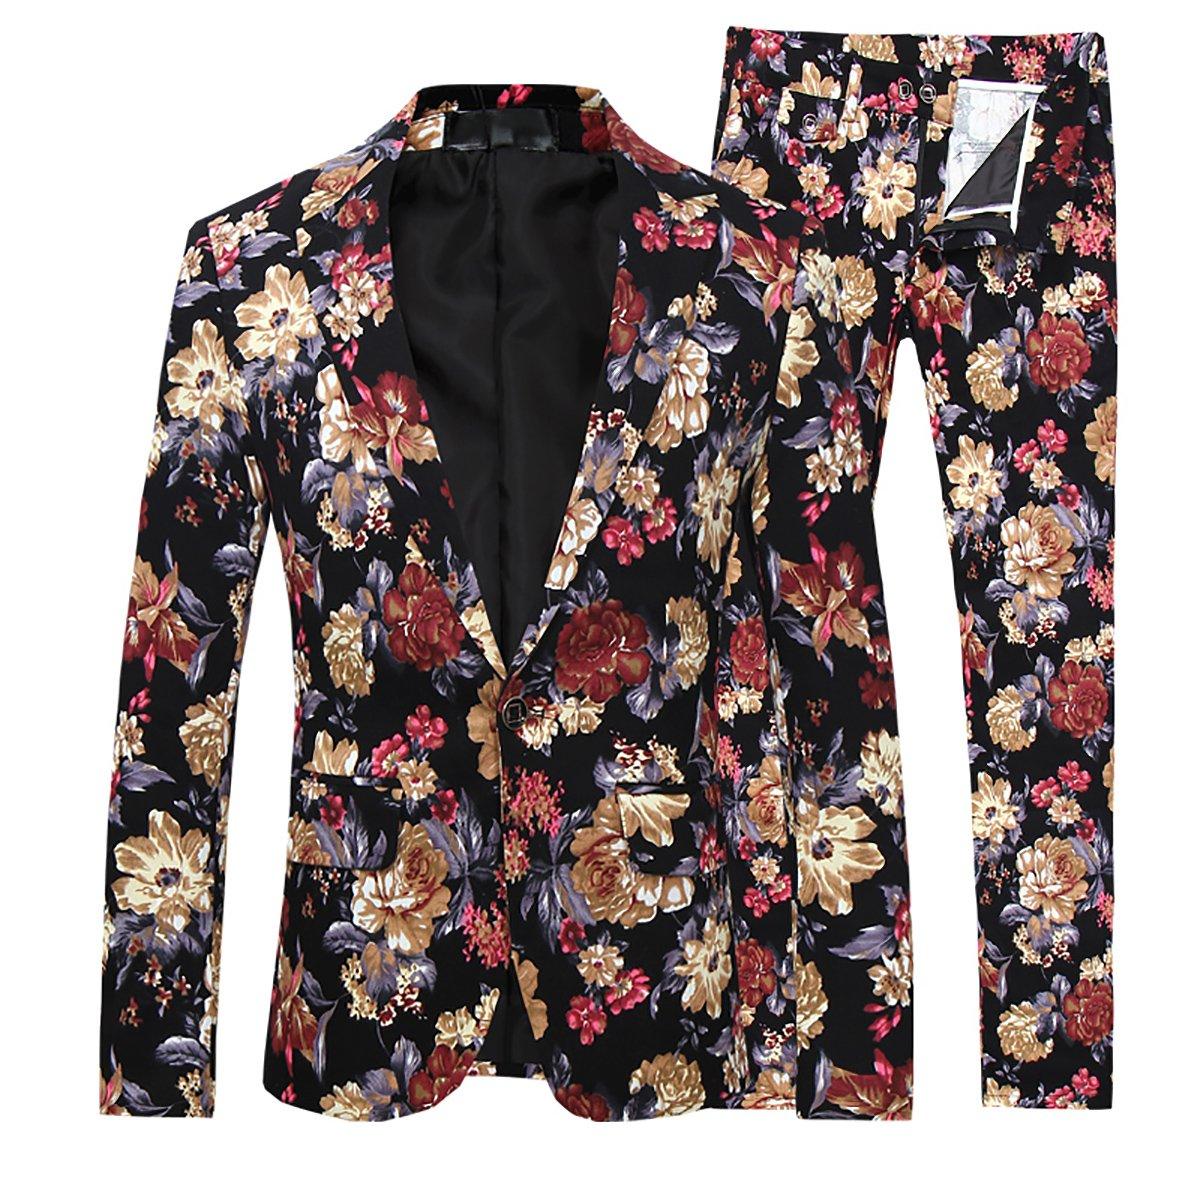 Mens 2 Piece Suit Notched Lapel Sport Coat Floral One Button Slim Fit Tweed Suit, K1, Medium